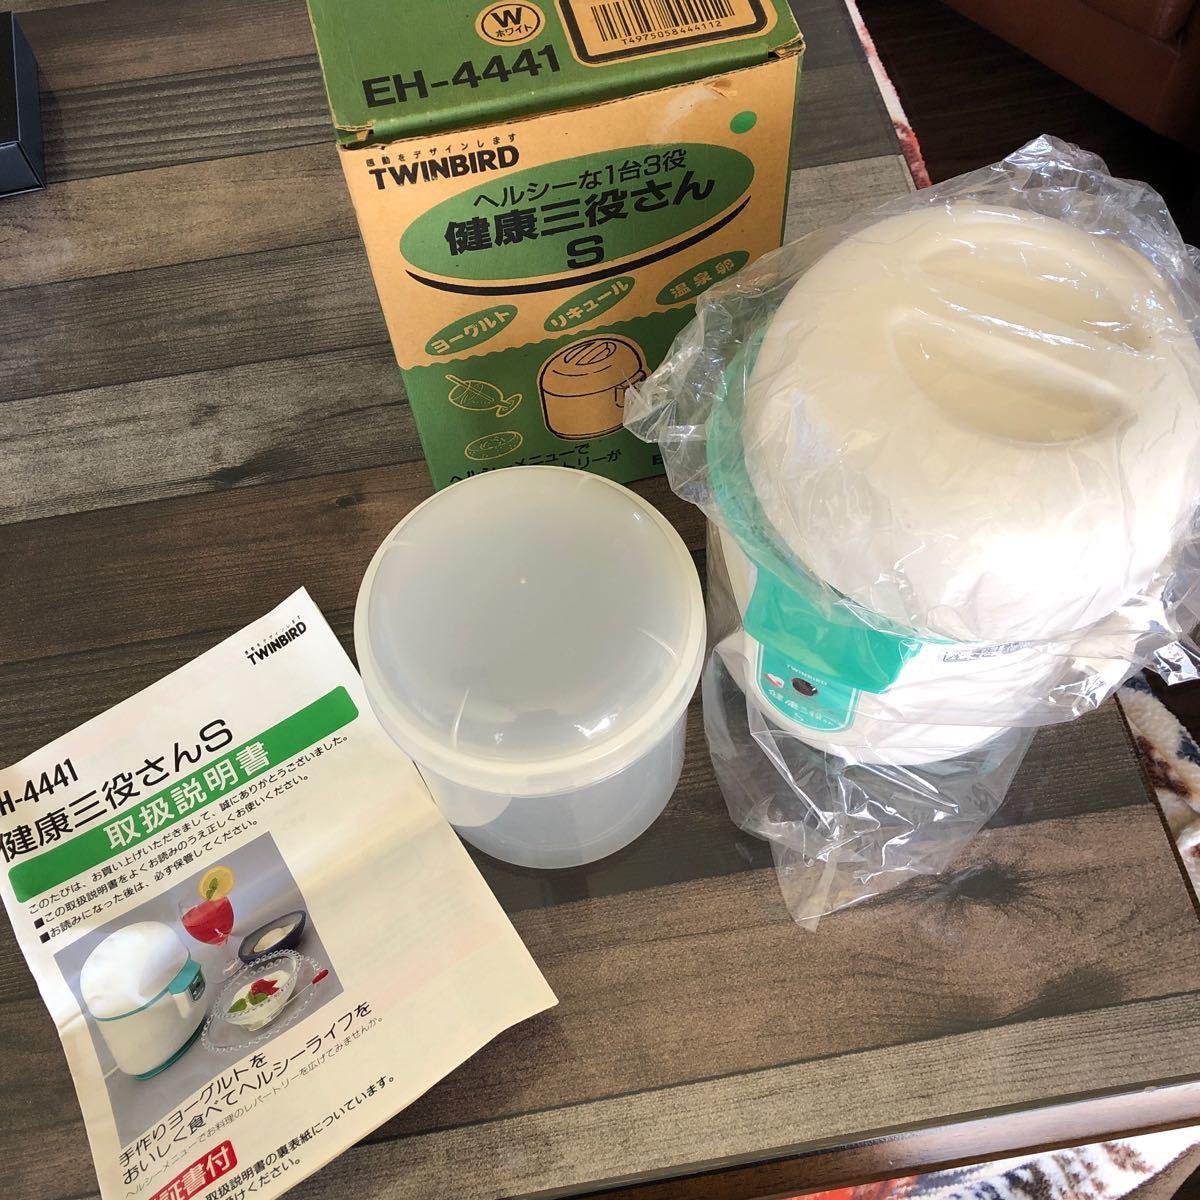 ヨーグルトメーカー 温泉卵も作れる  健康三役さんS